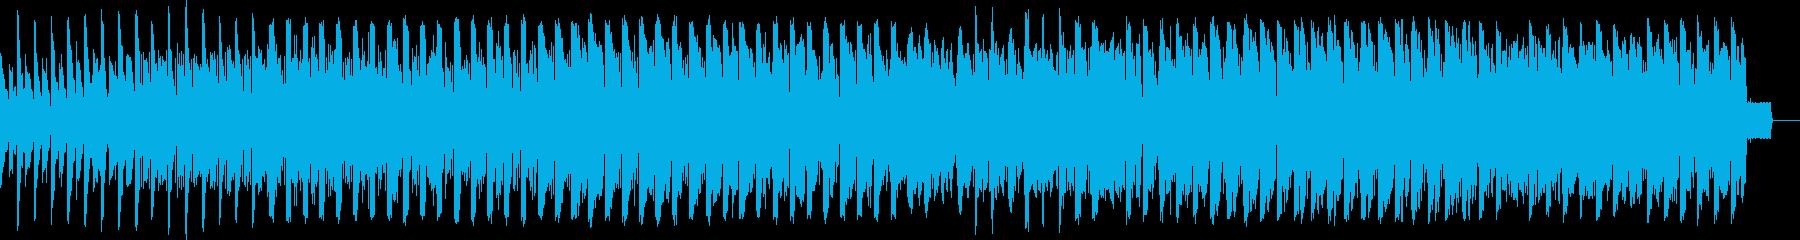 sixth_booreeqの再生済みの波形